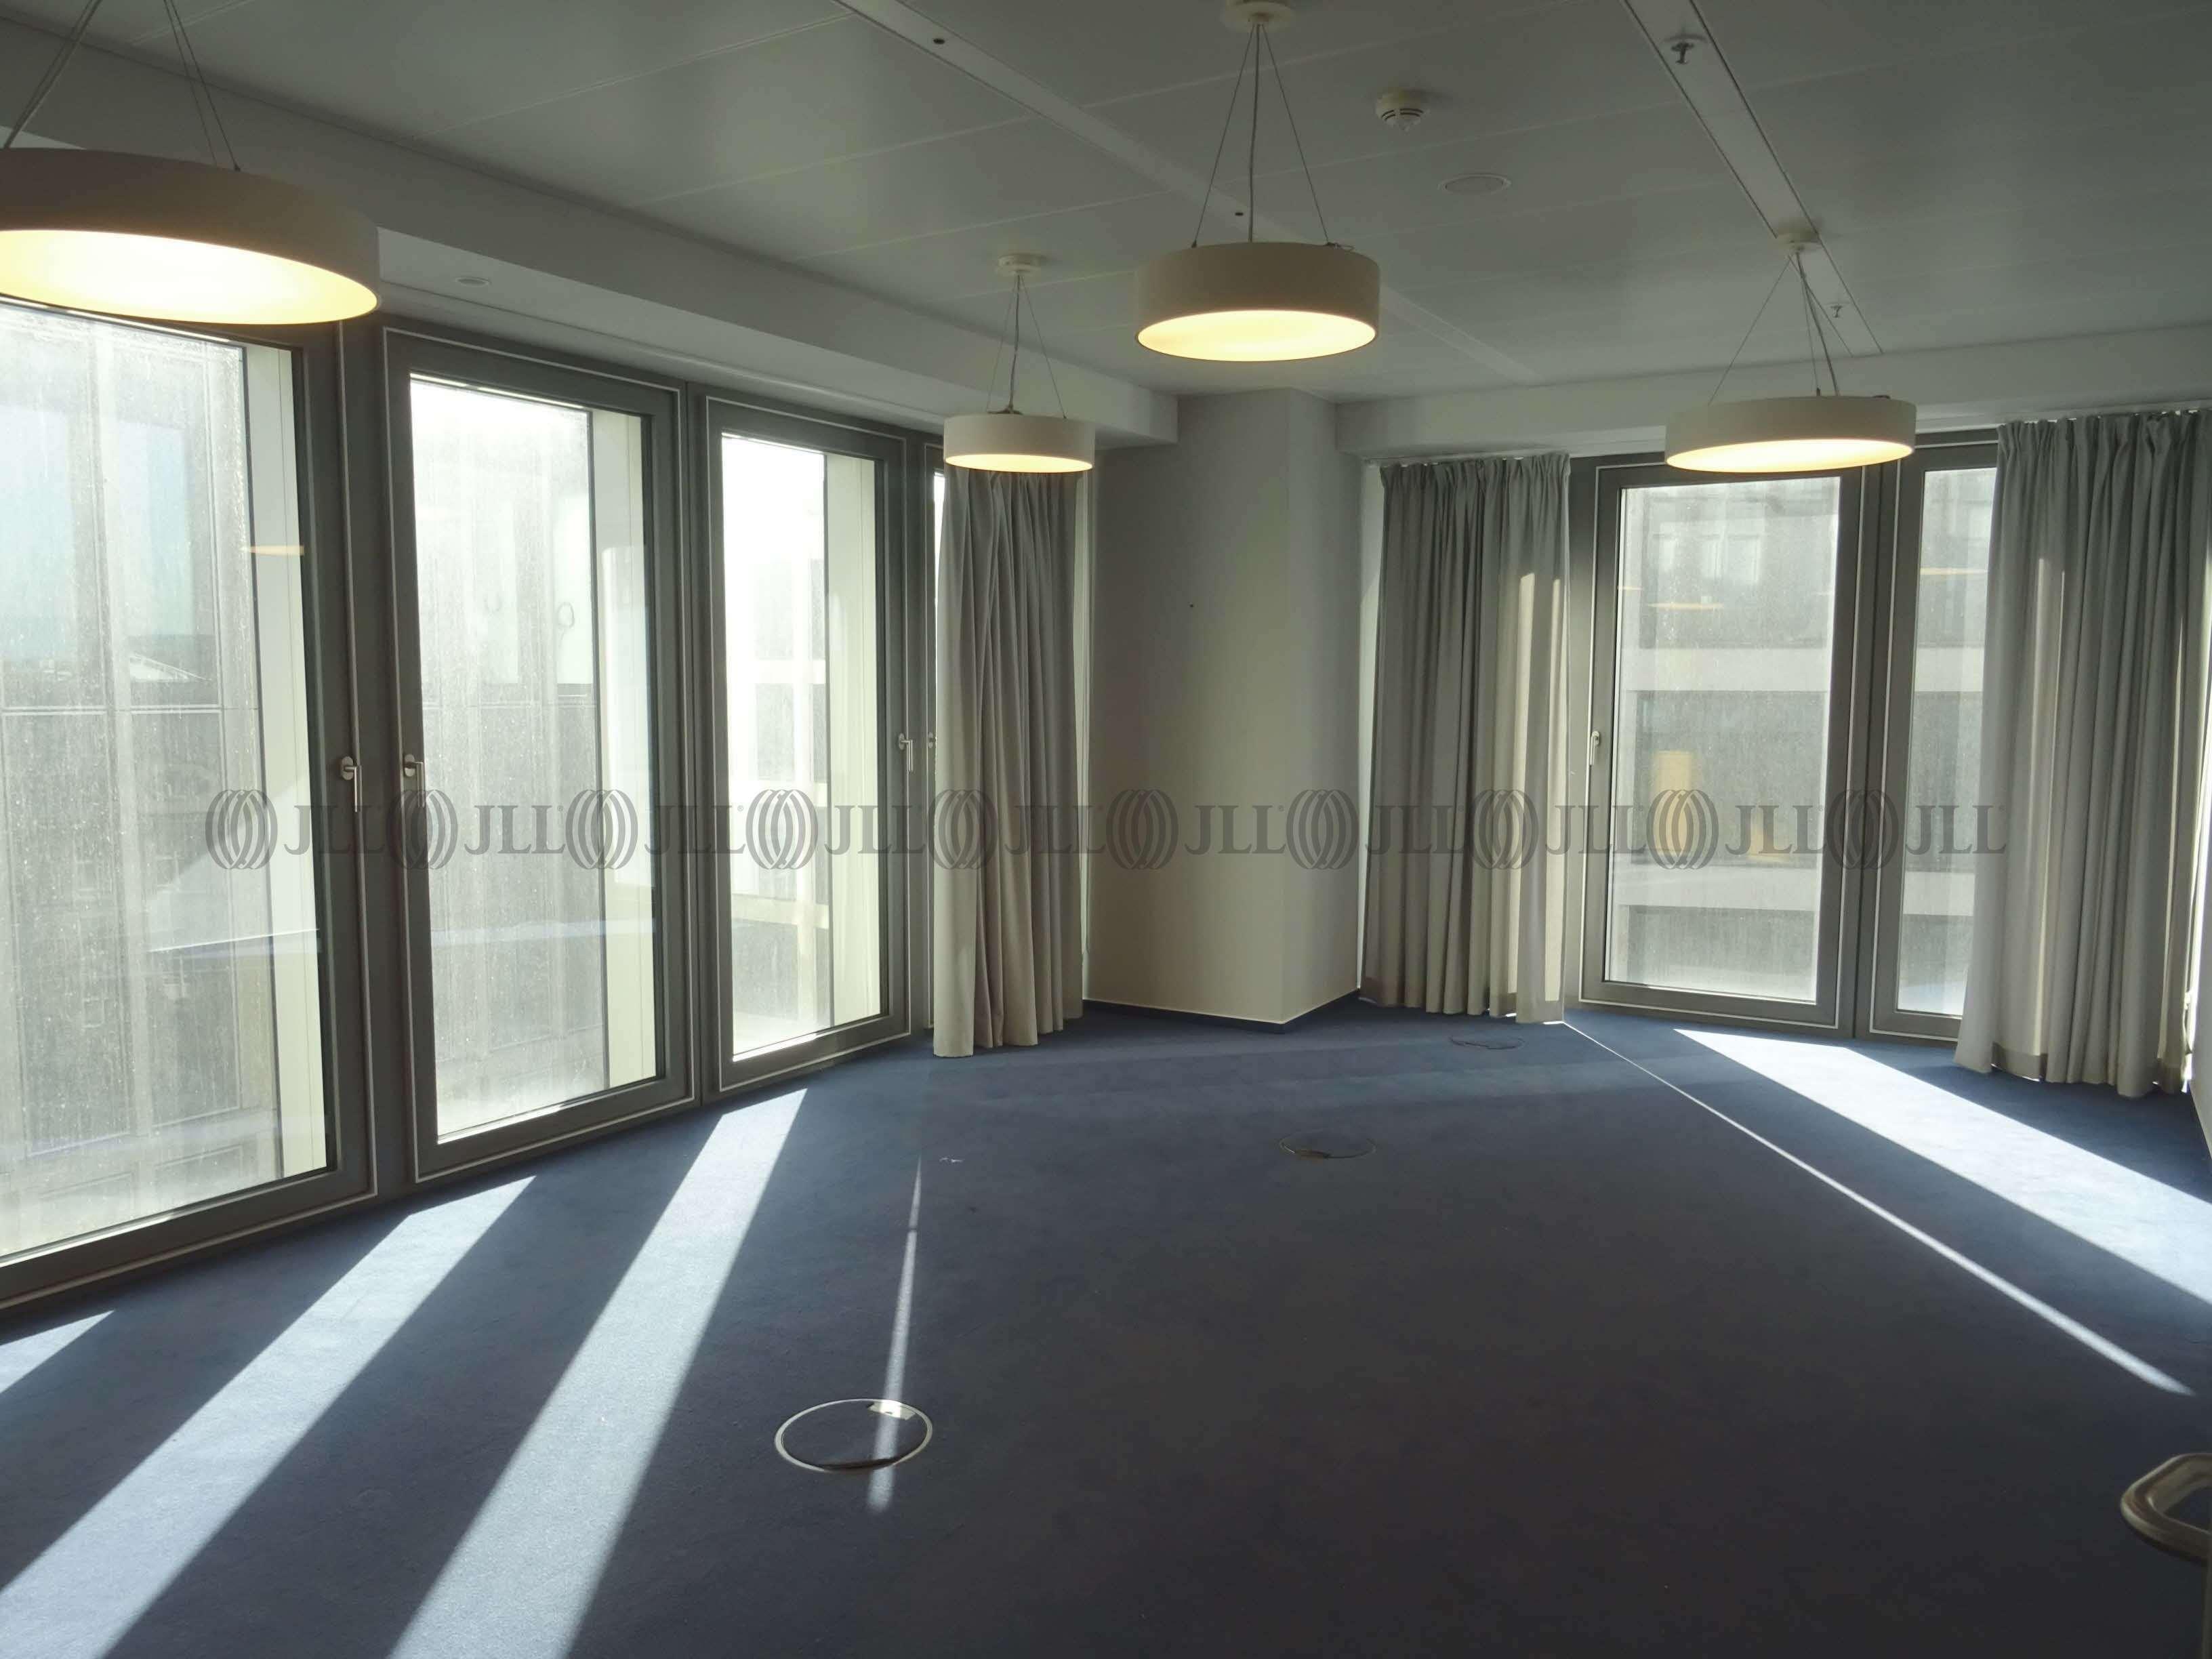 Büros Frankfurt am main, 60329 - Büro - Frankfurt am Main, Innenstadt - F1001 - 9664770